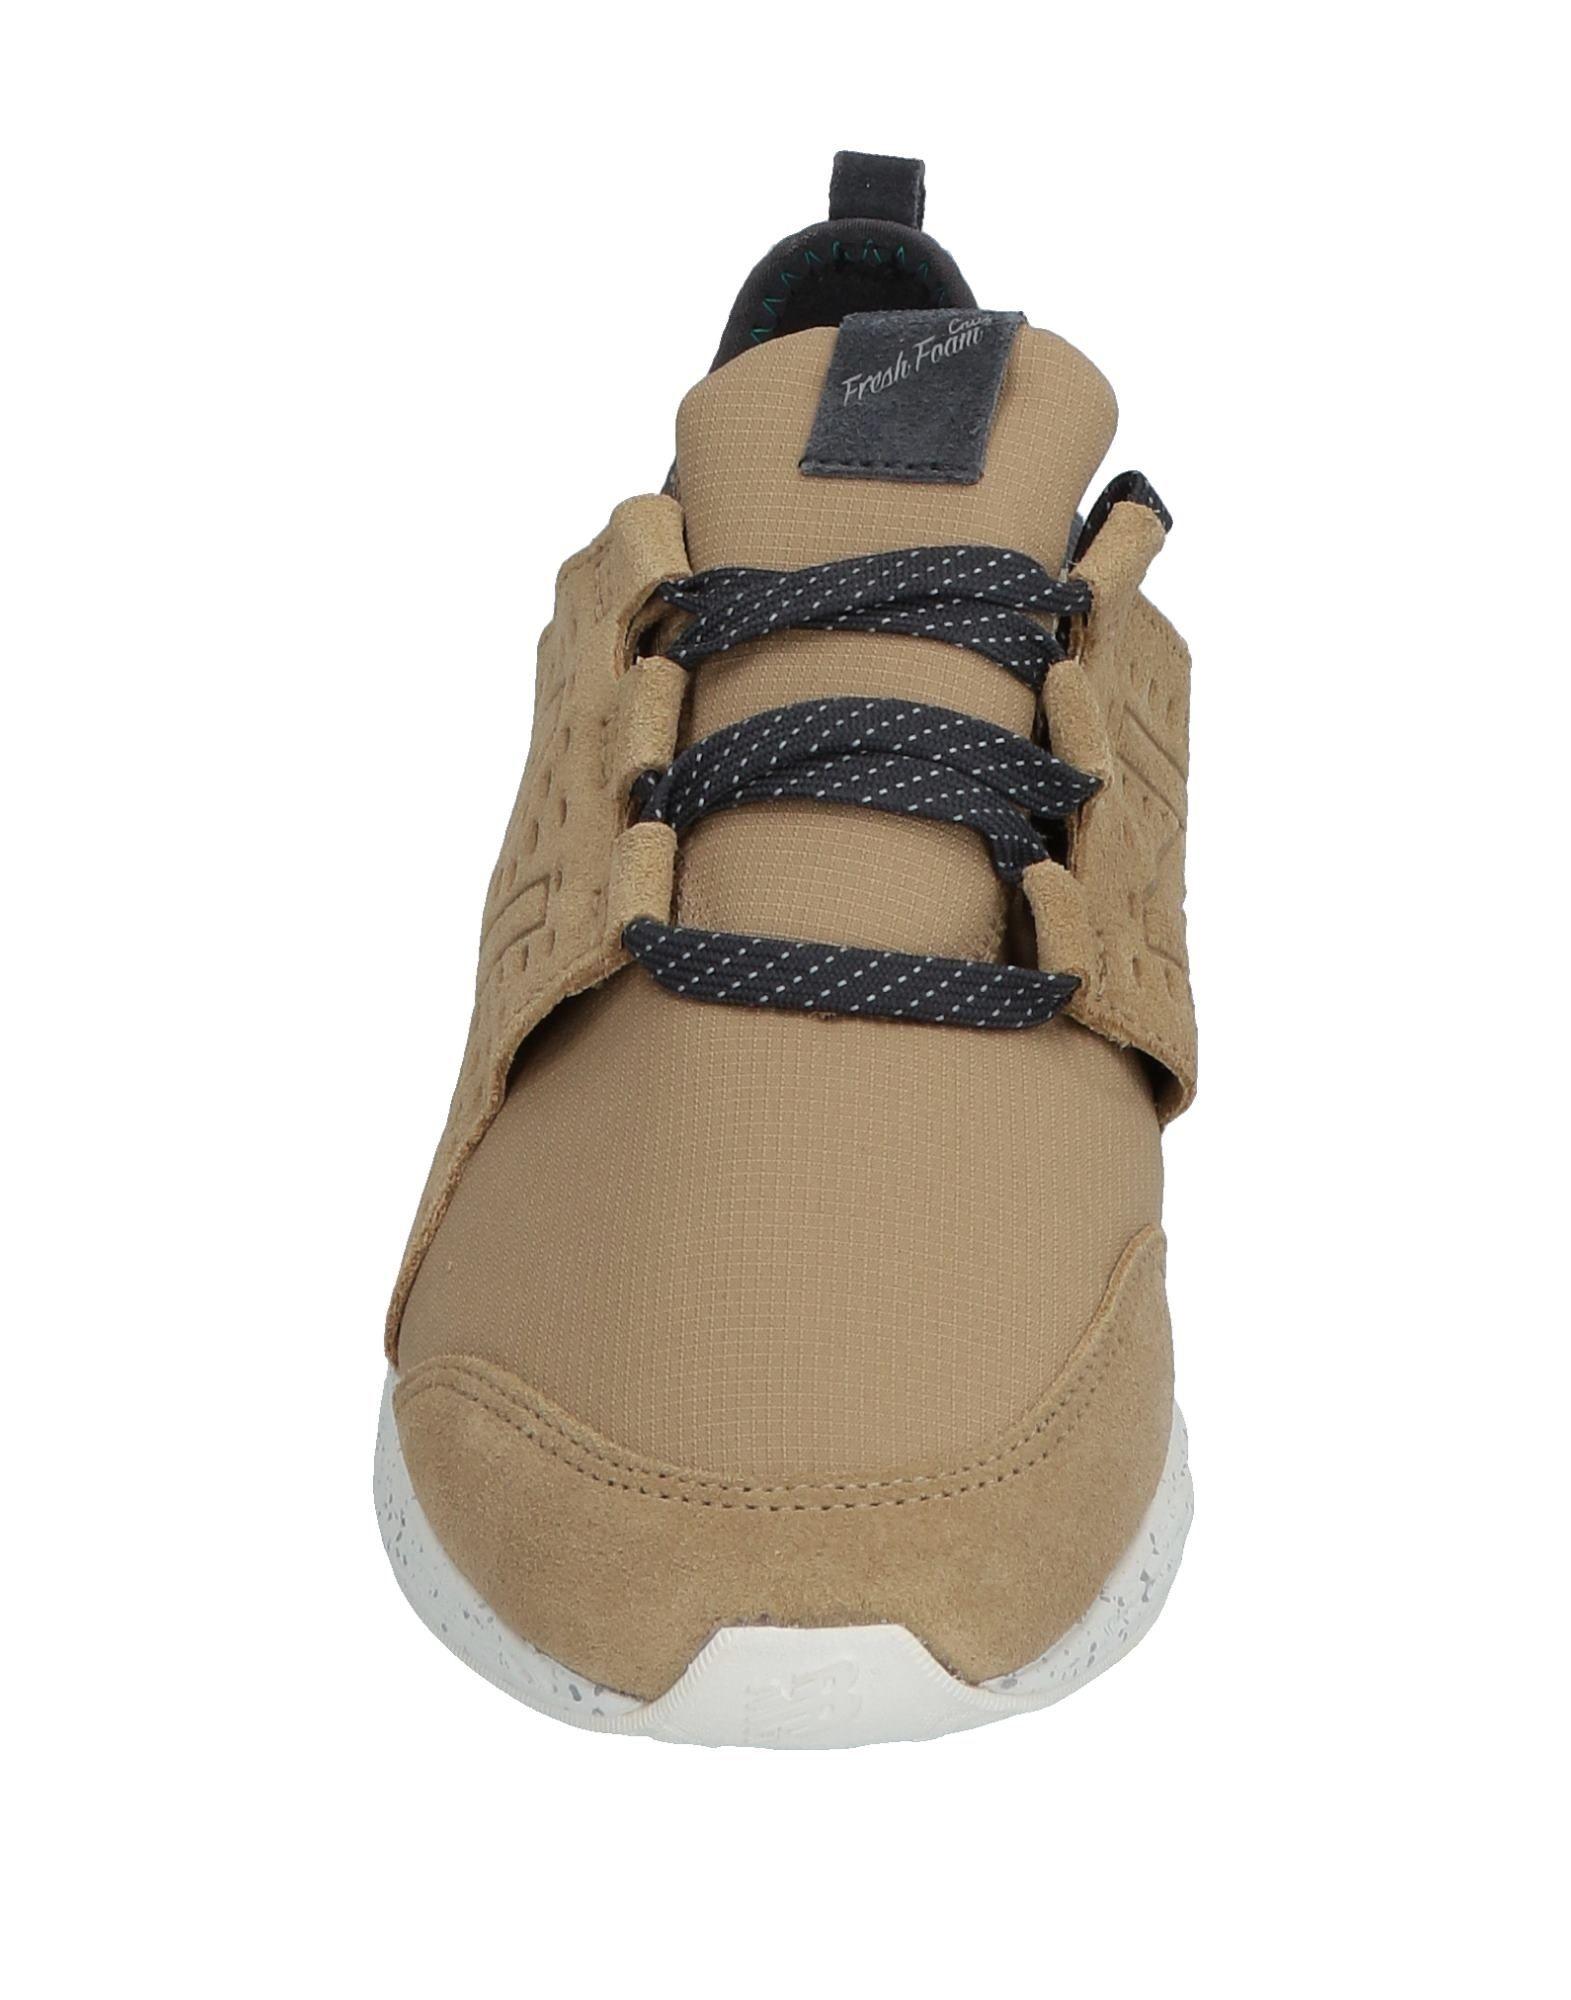 Rabatt Sneakers echte Schuhe New Balance Sneakers Rabatt Herren  11550222AE 70ed8c